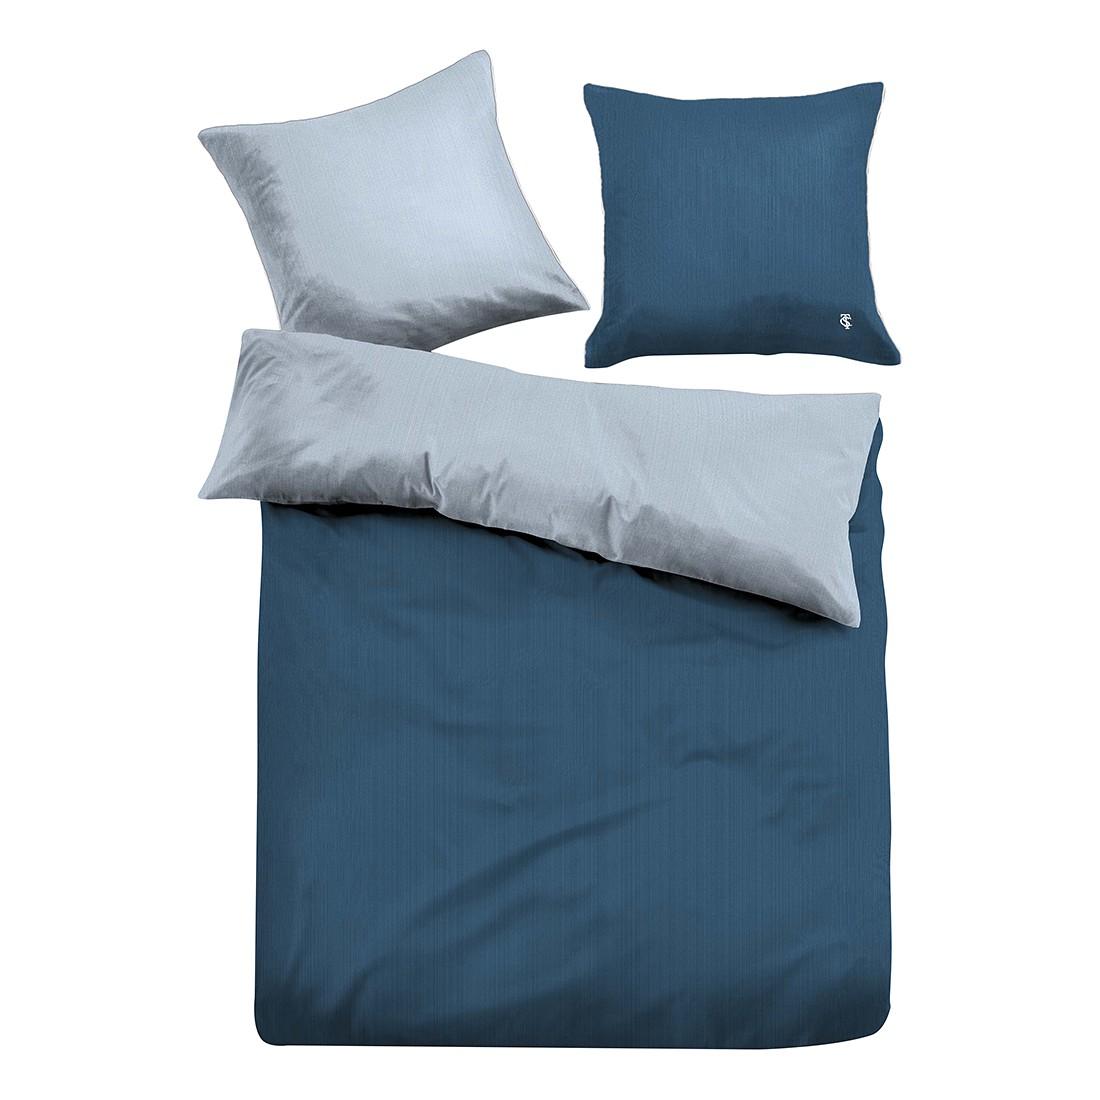 Satin Bettwäsche Uni – Dunkelblau – 155 x 220 cm + Kissen 80 x 80 cm, Tom Tailor jetzt kaufen